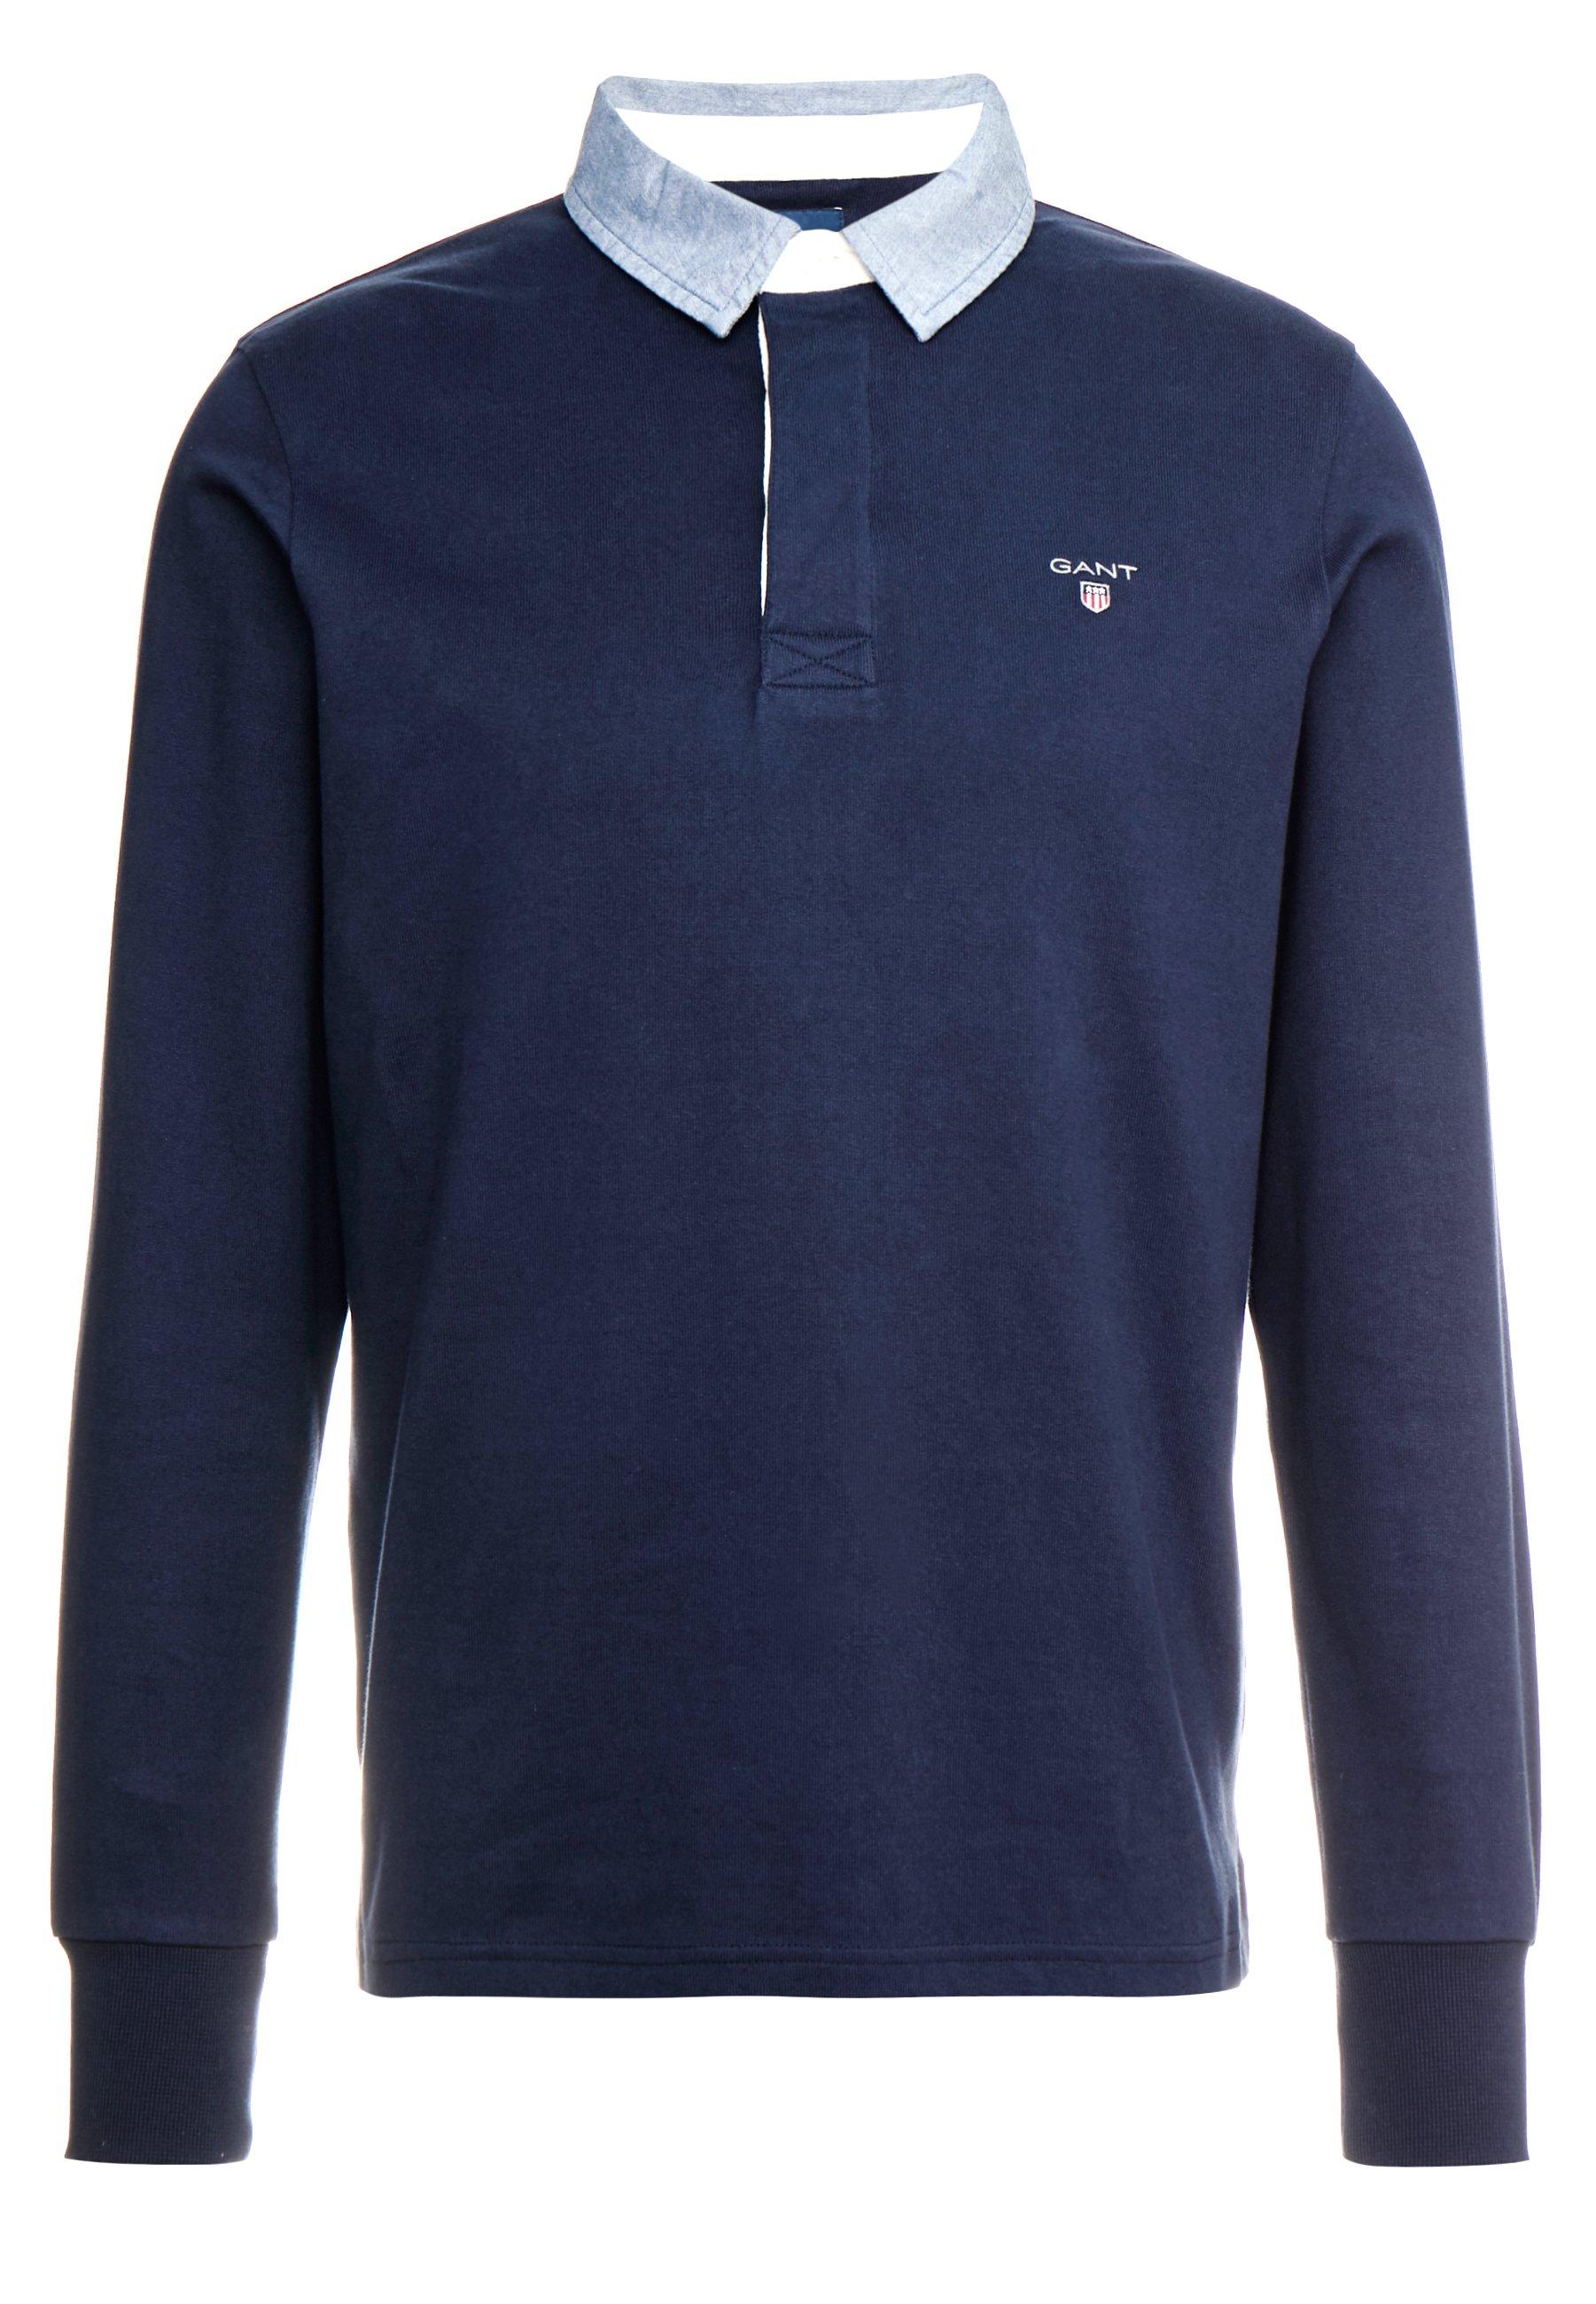 GANT THE ORIGINAL HEAVY RUGGER - Pullover - evening blue